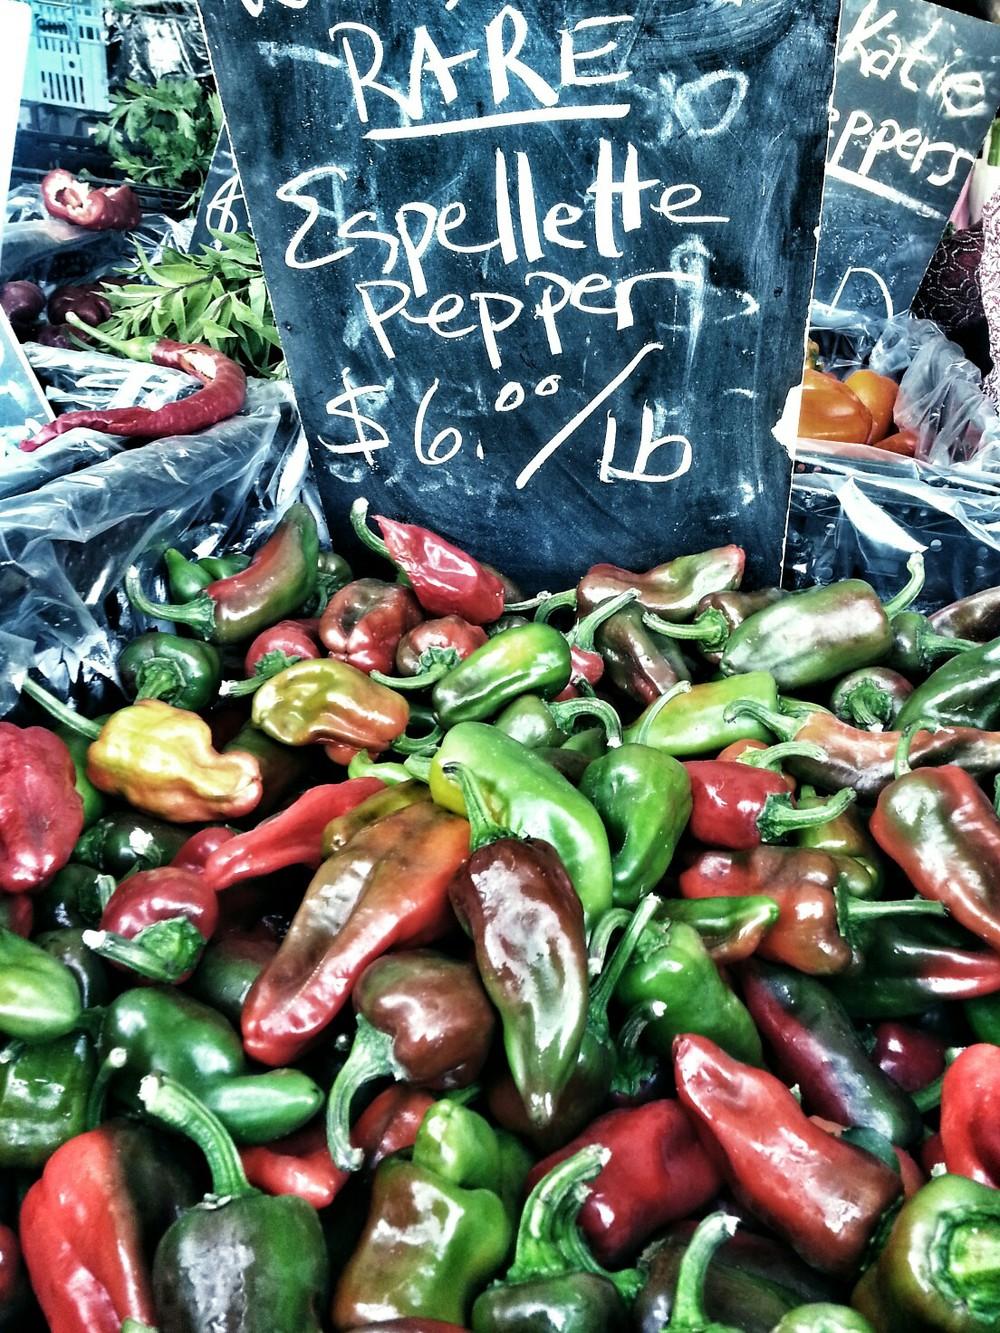 Delphine farmers market peppers.JPG